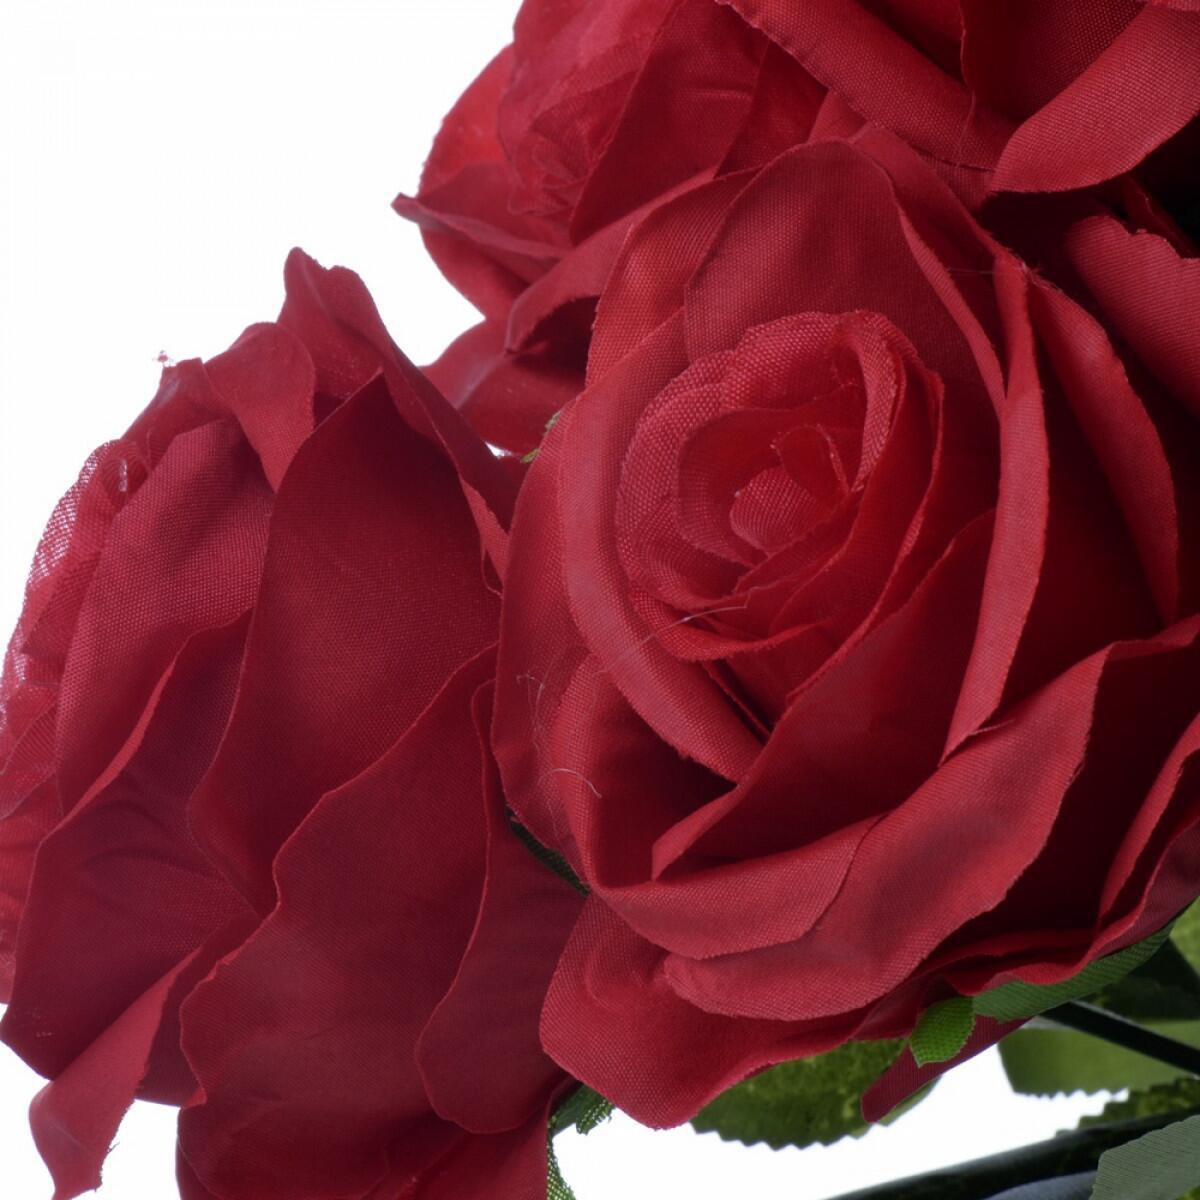 Buquê de Rosa Vermelha com 9 Galhos